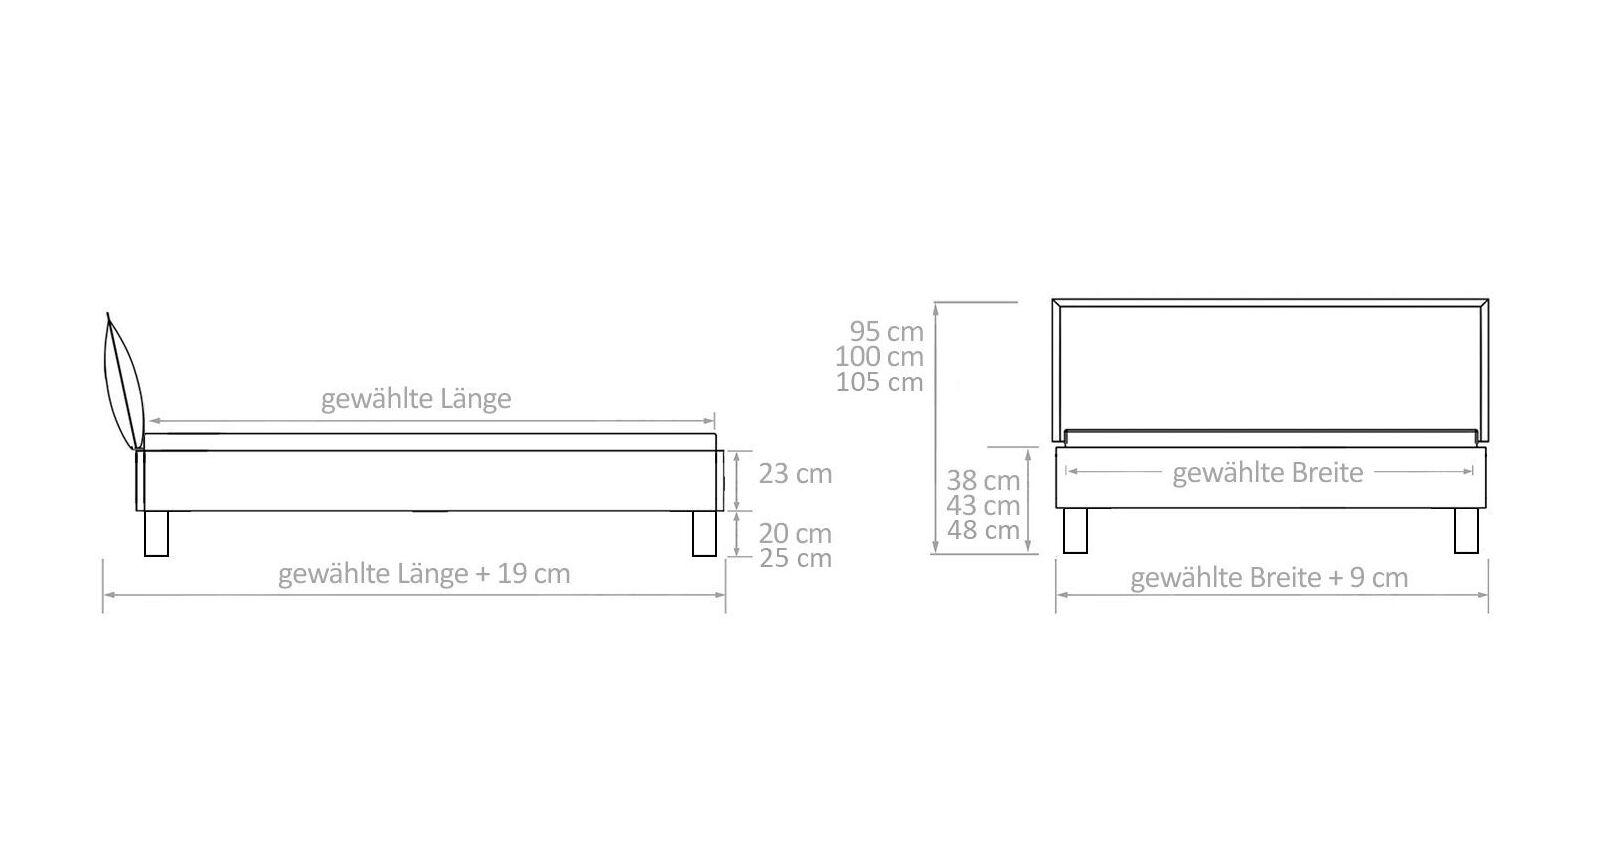 Maß-Grafik zum Bett Solidea